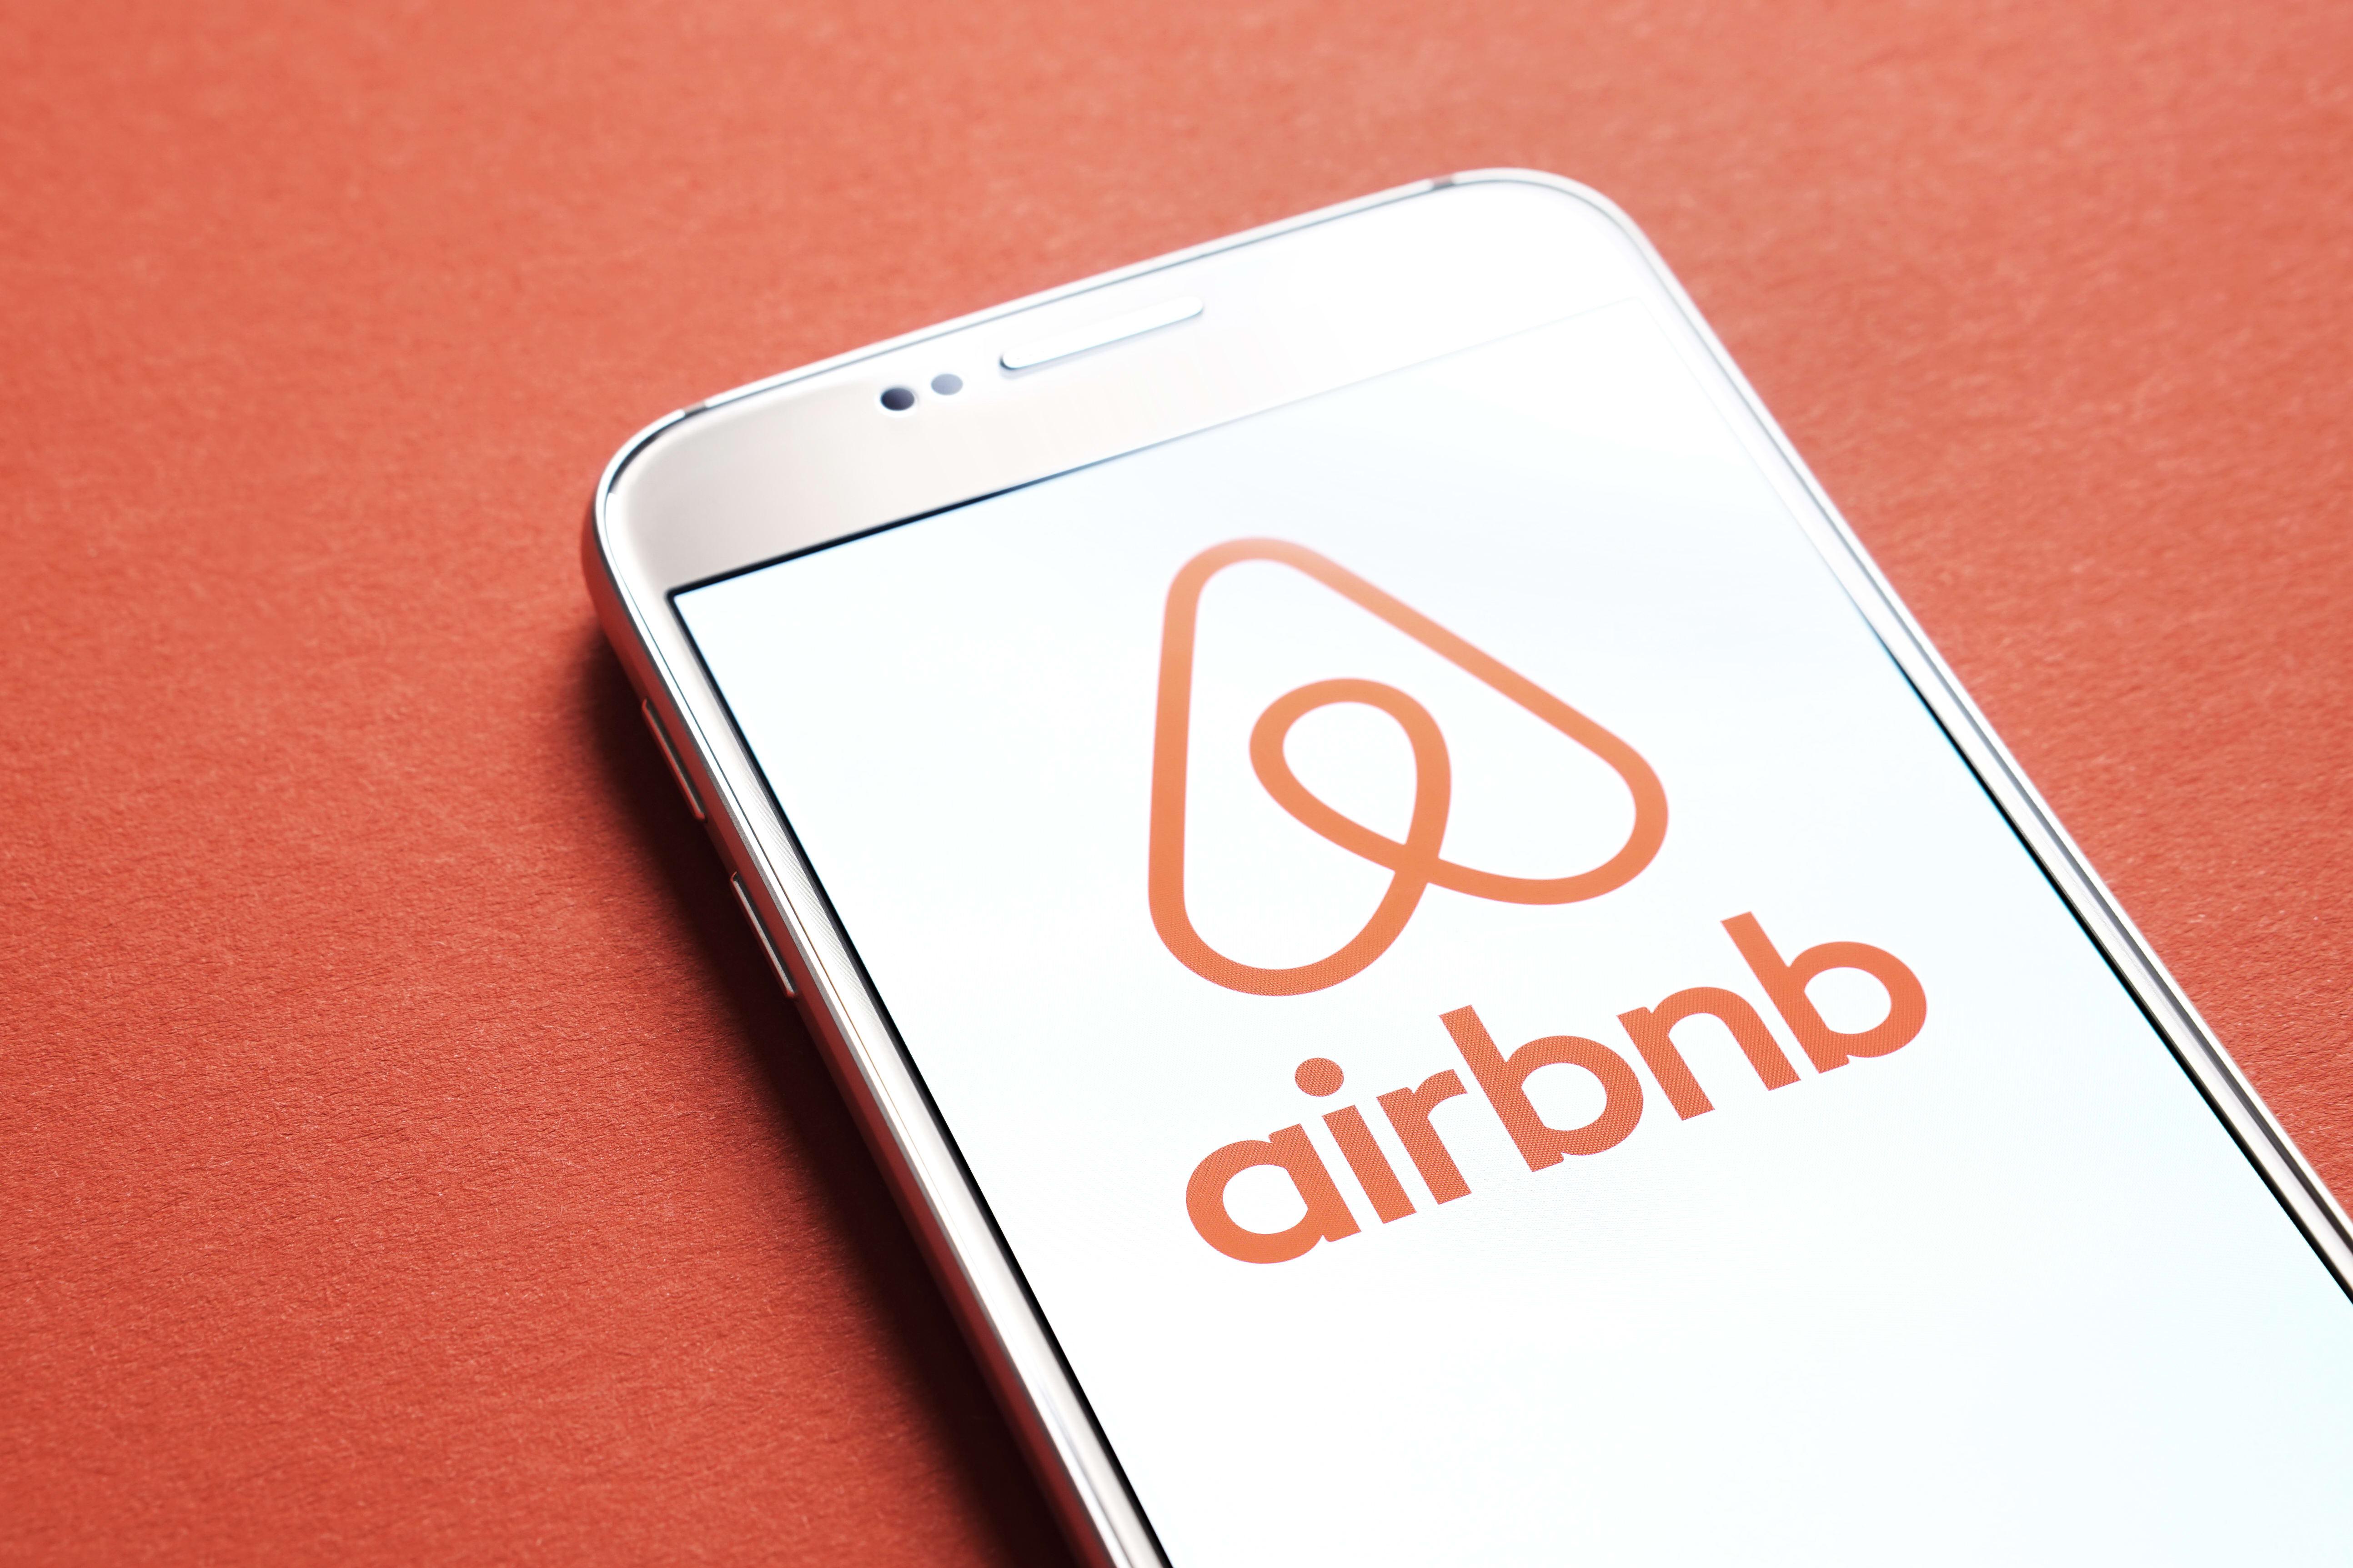 """Airbnb lanza """"Open Homes"""" y ofrece albergue gratis a evacuados por Dorian"""